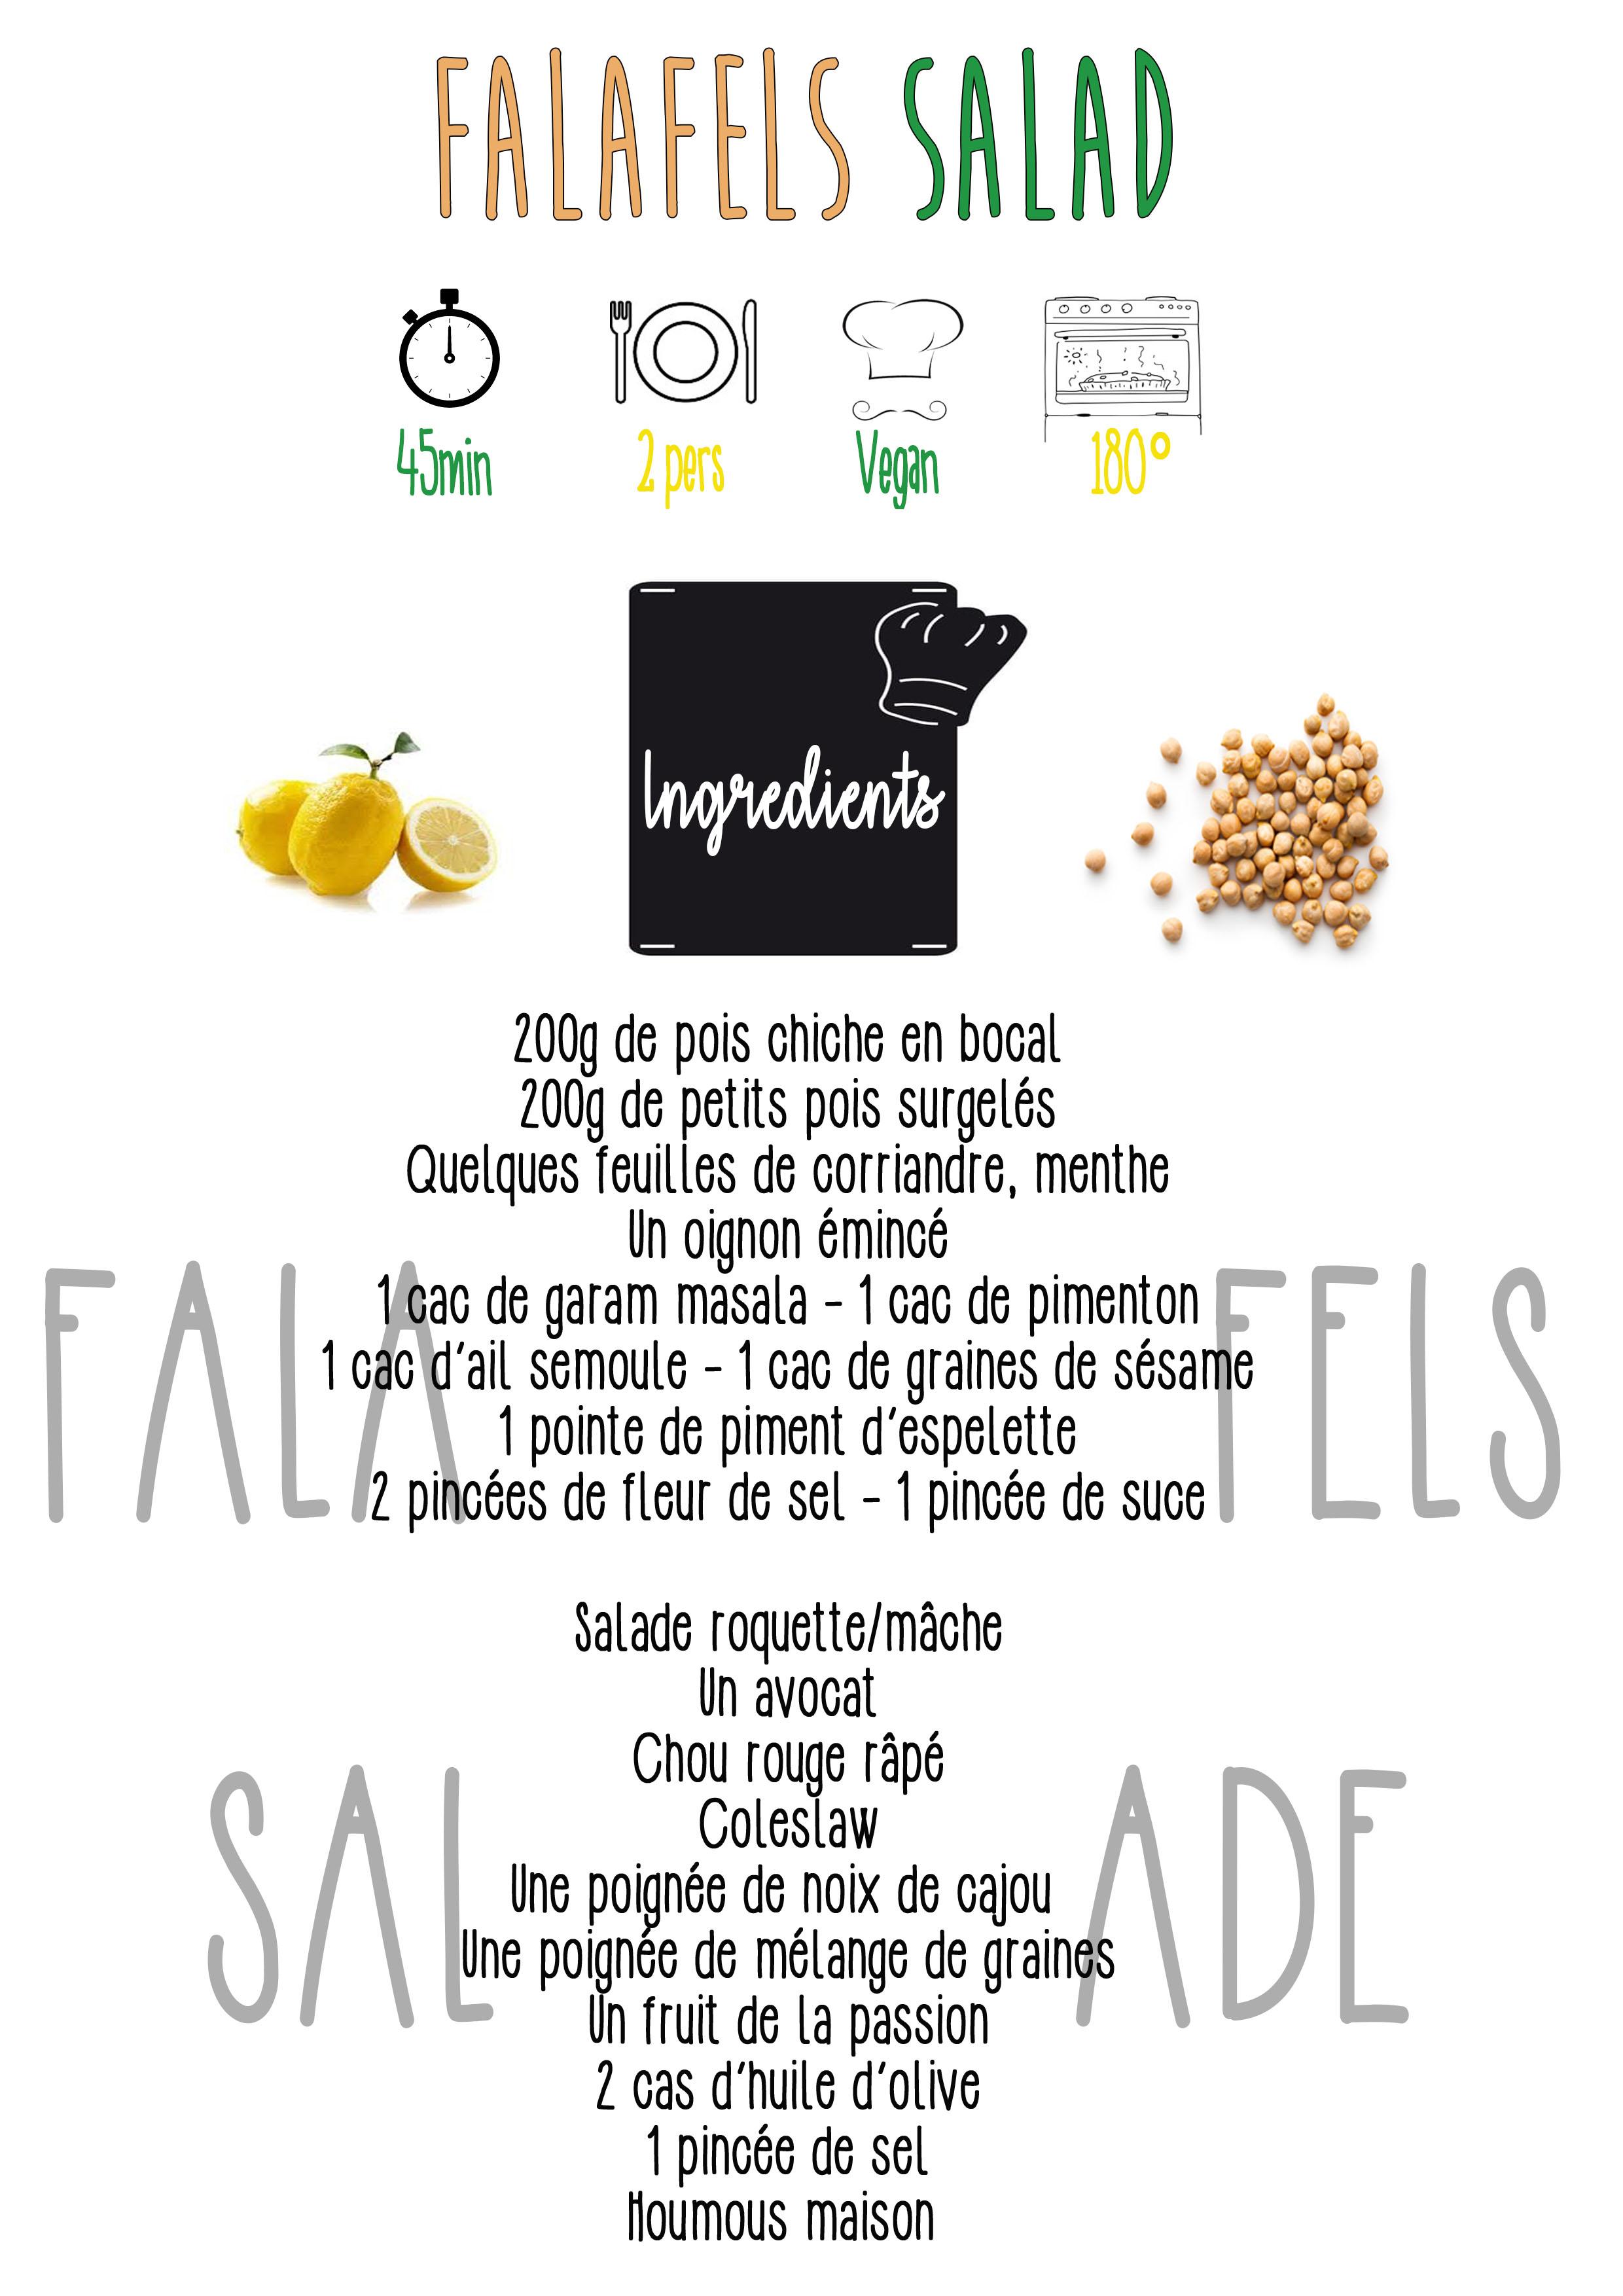 Falafels Salad ingrédients